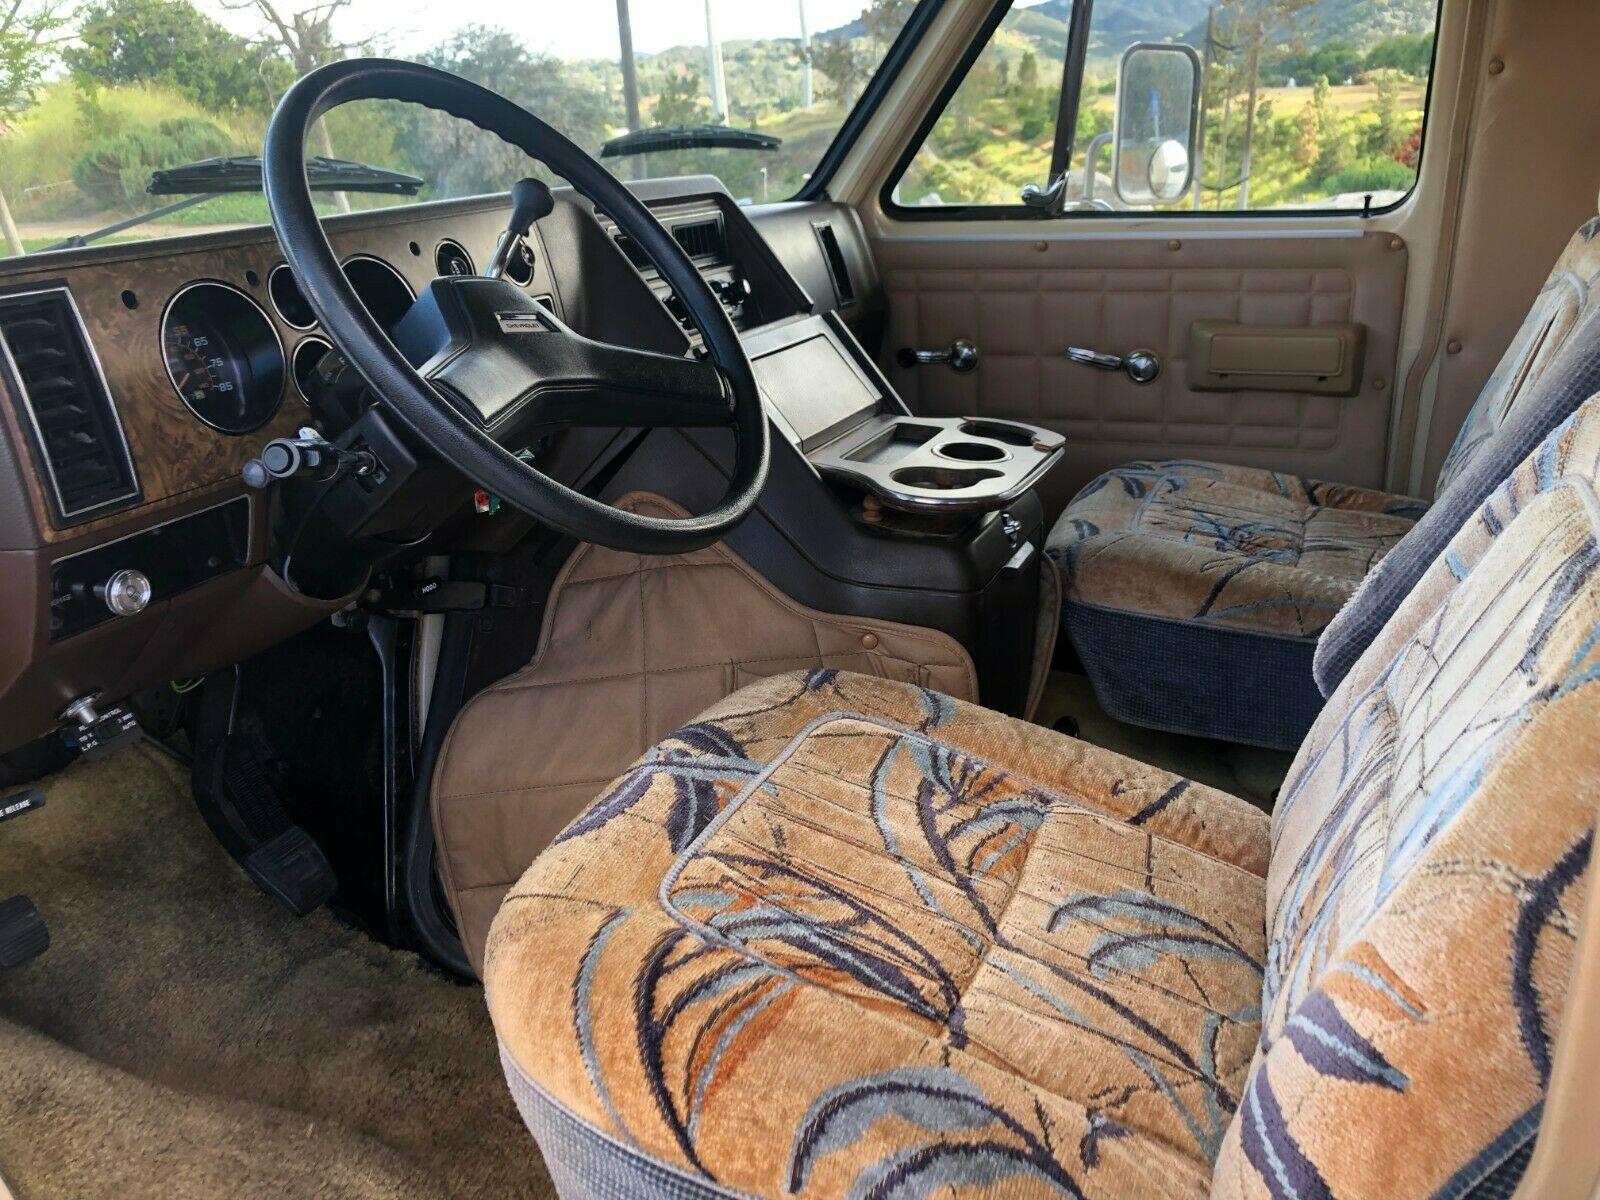 low miles 1984 Chevrolet Tioga Fleetwood G30 camper